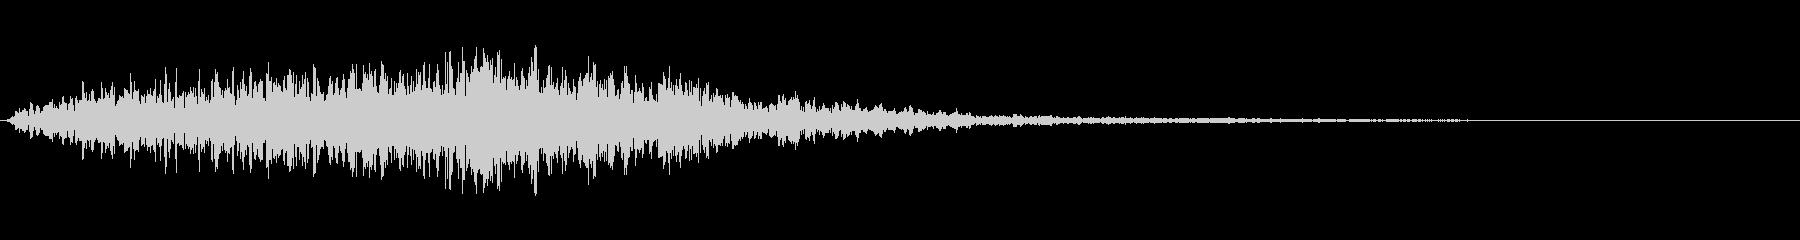 【ホラー】スリル SE_09 場面転換の未再生の波形